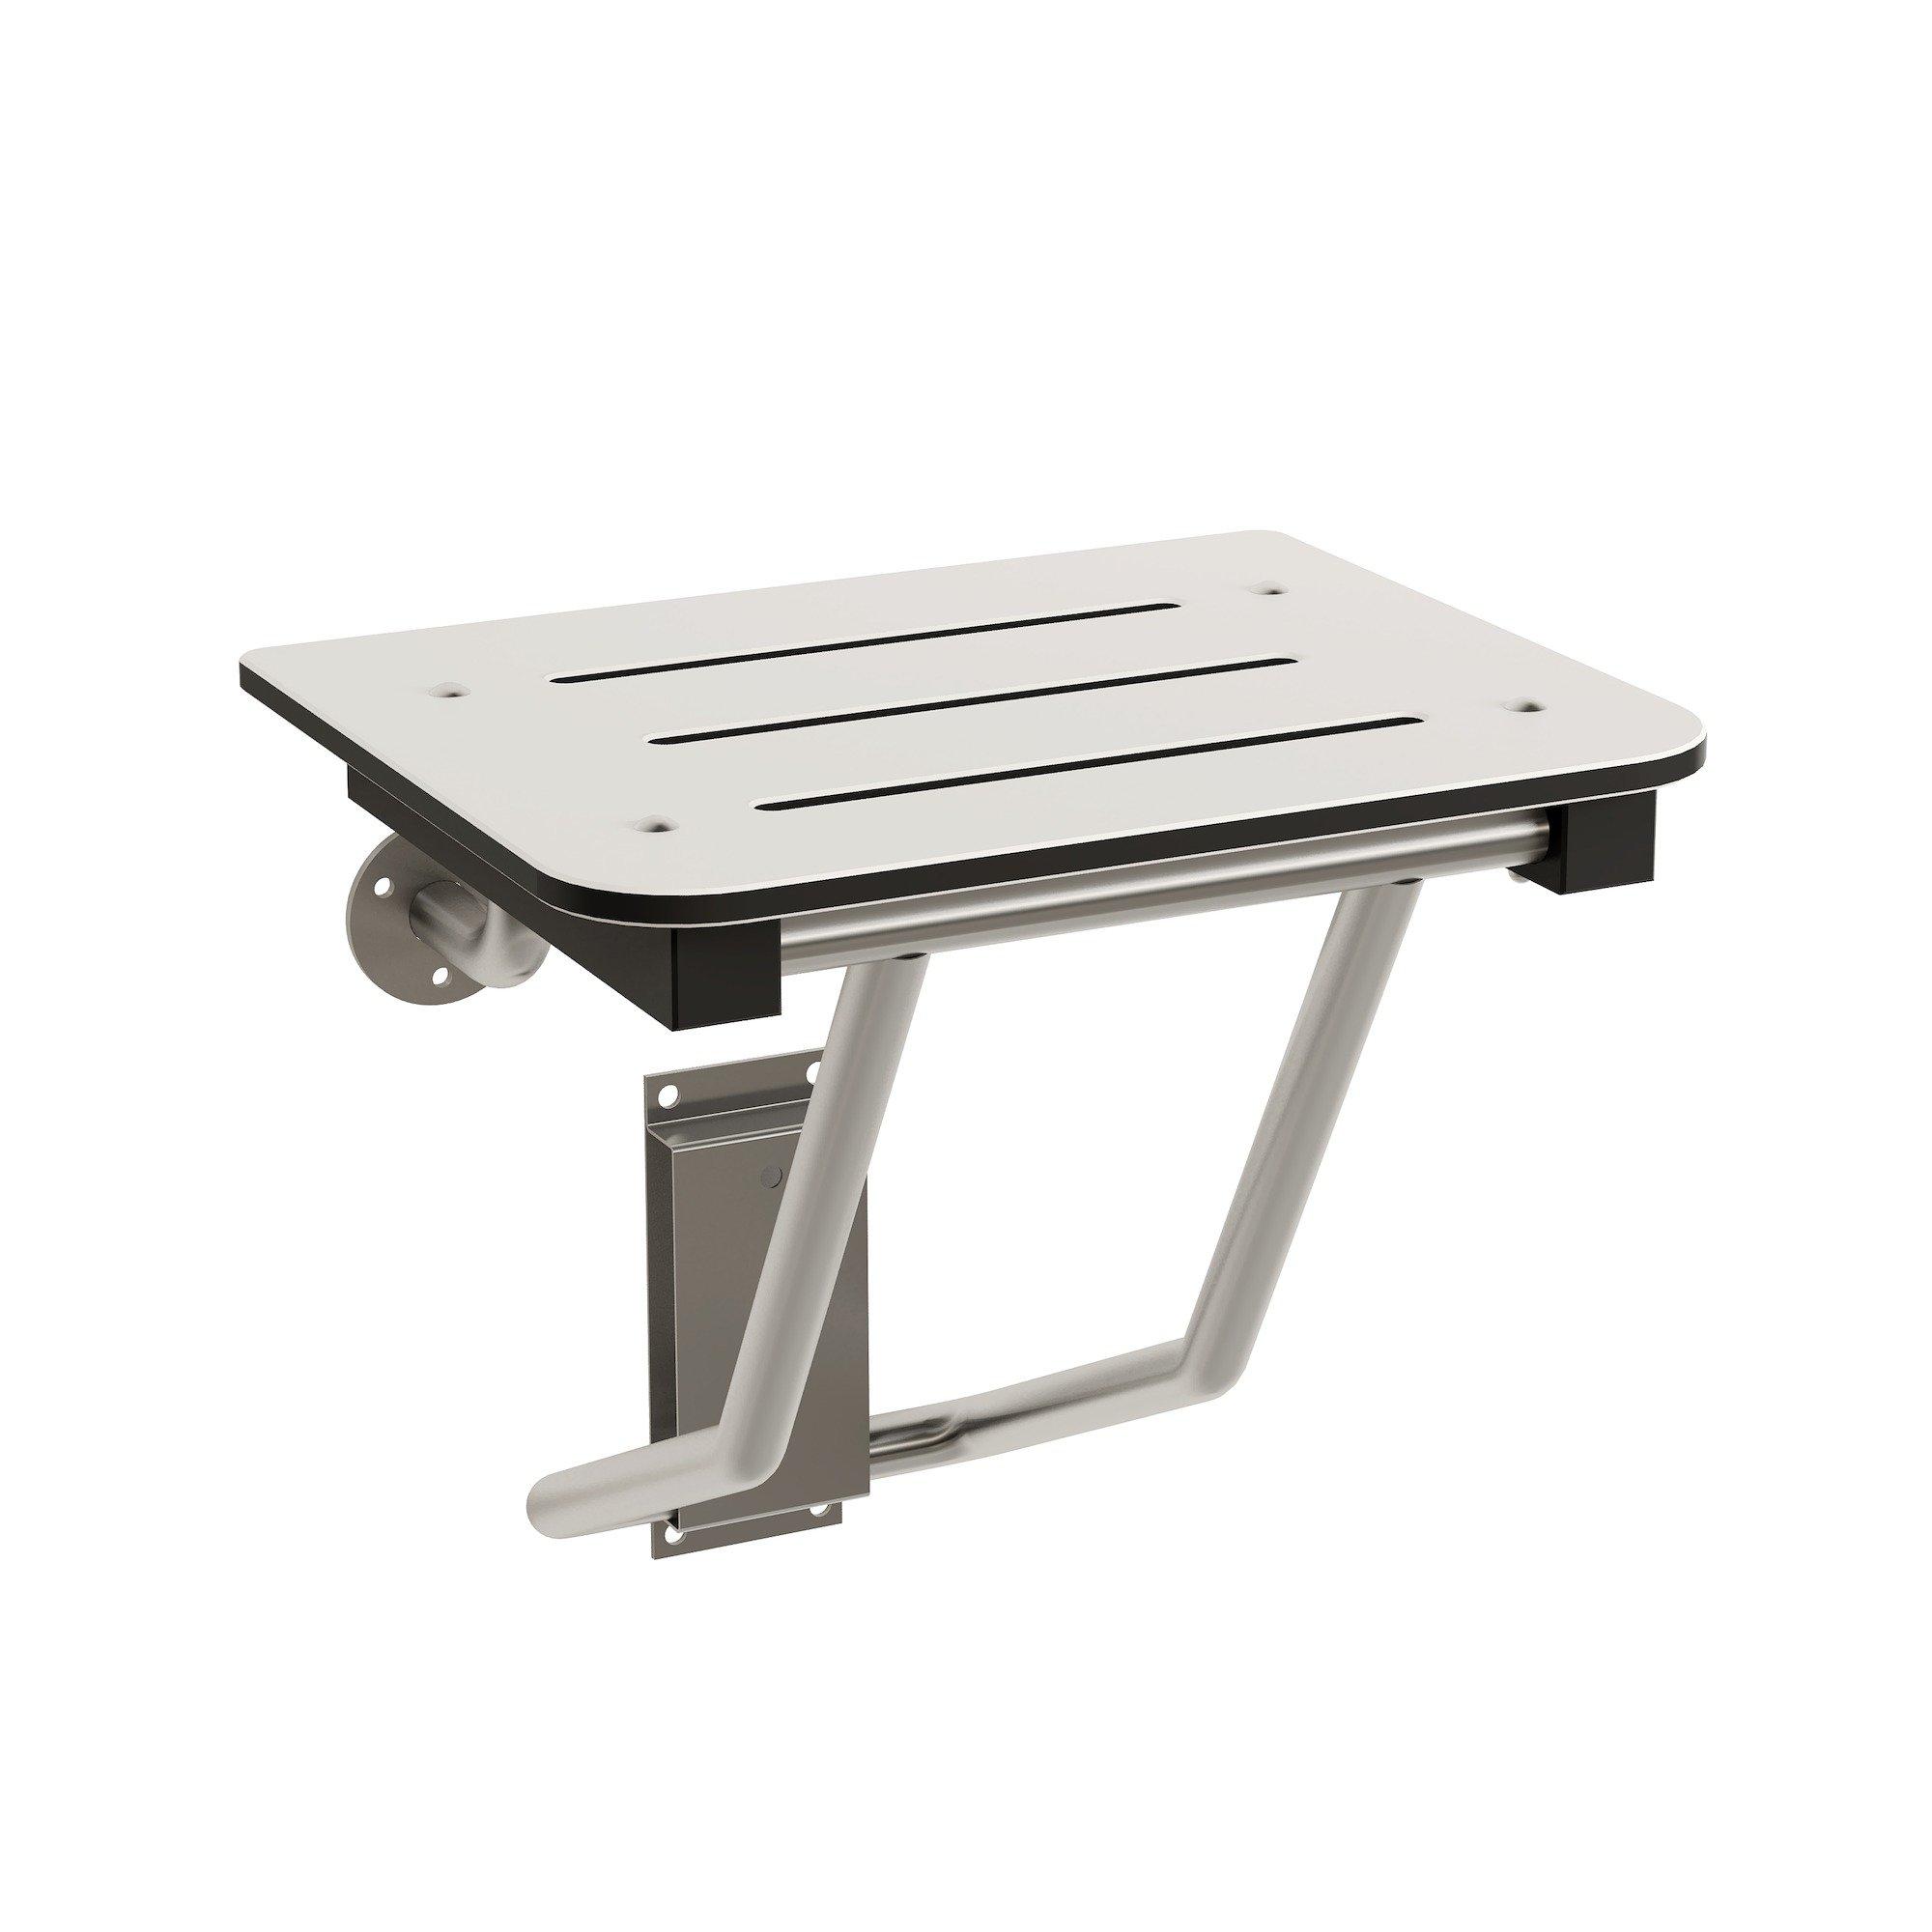 Bench Seat in Shower 9591-000000 | Accurate Door & Hardware, Inc.